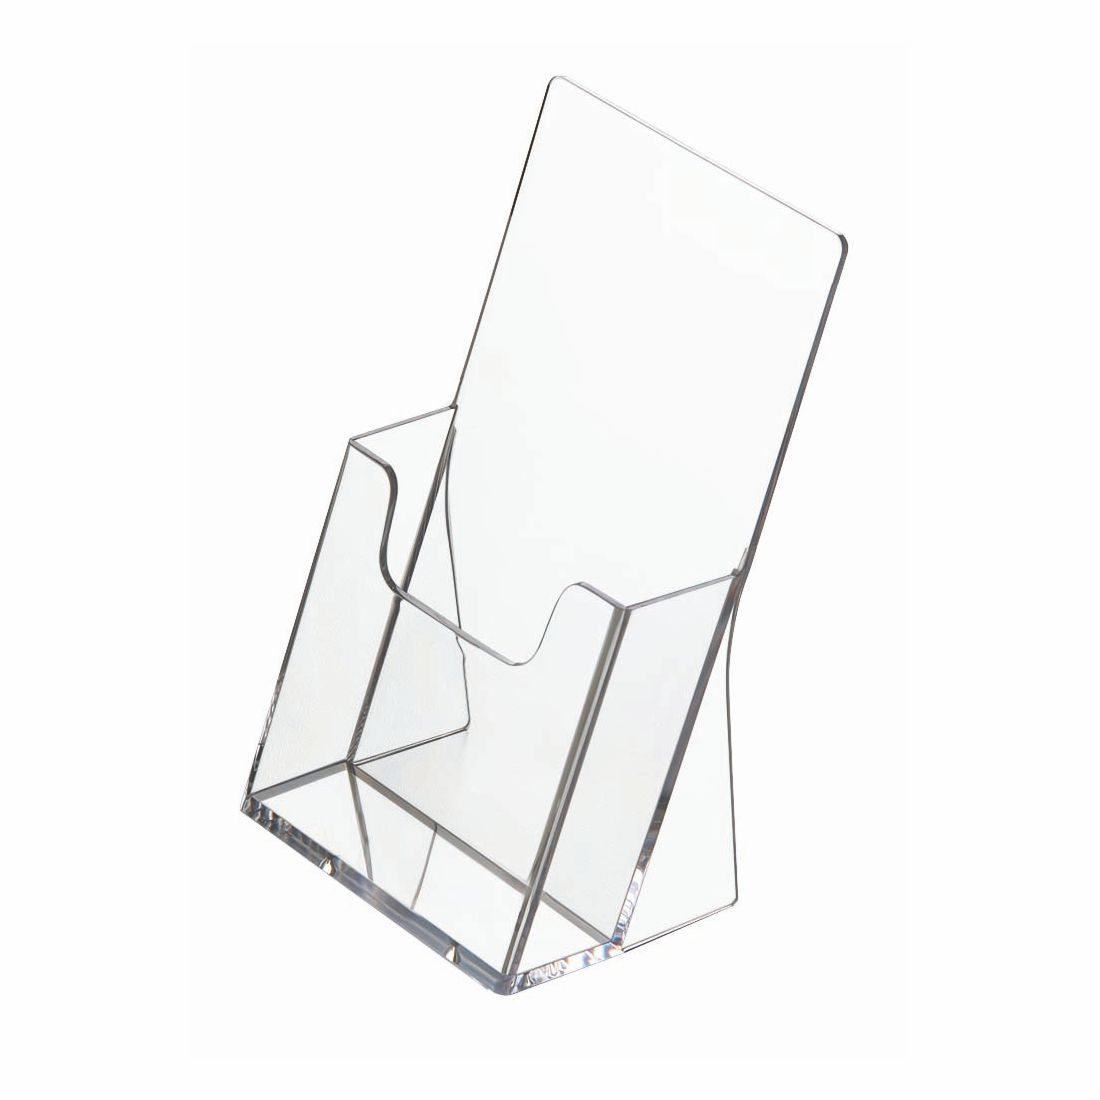 5 DL Trifold Wall Mount Leaflet Menu Brochure Holder Retail Display Dispenser